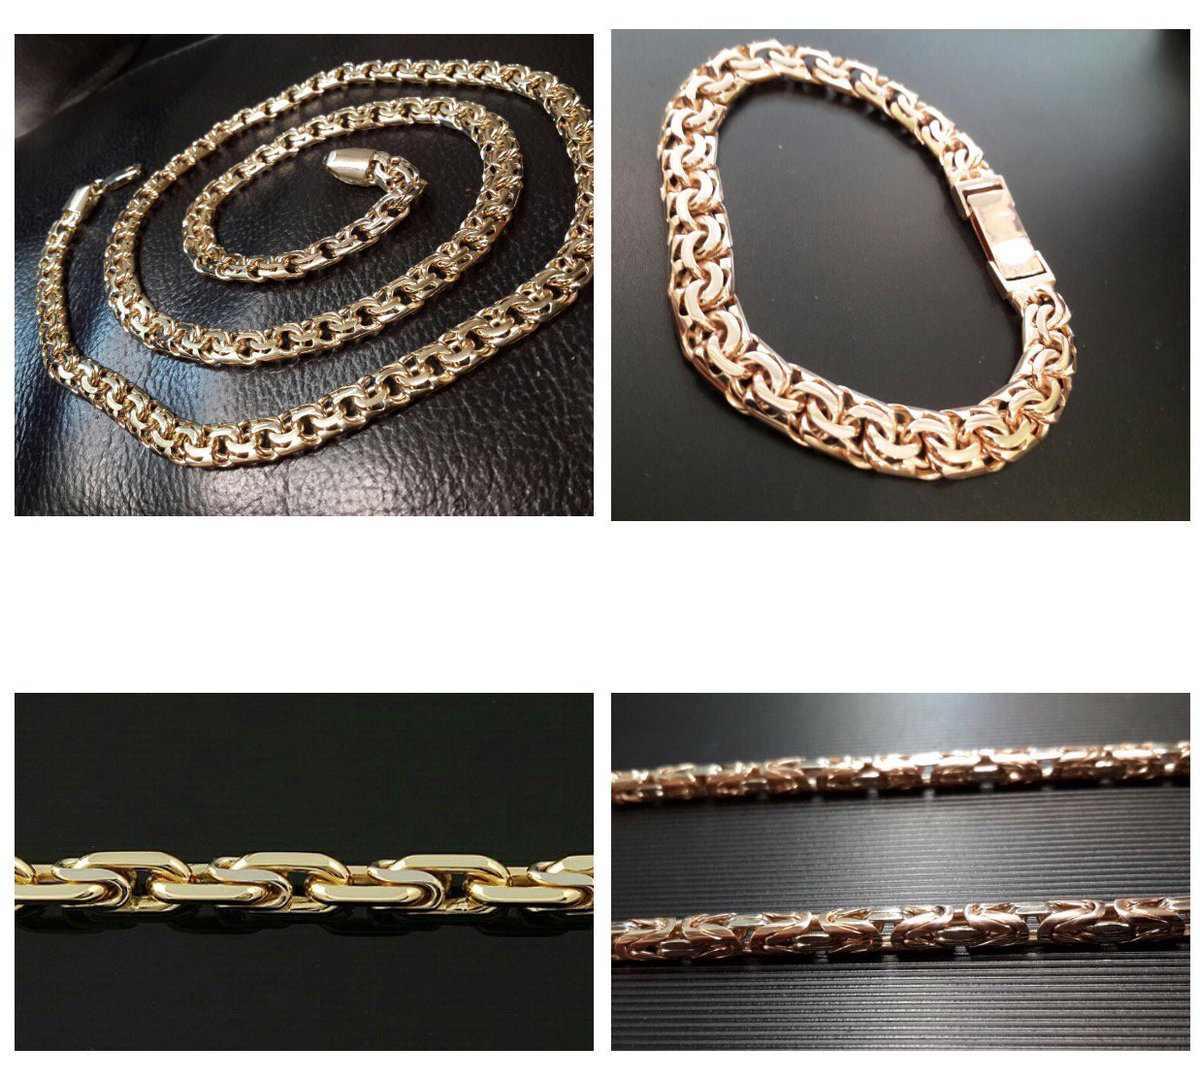 картинки разных плетений браслетов хирургии процесс, лечение